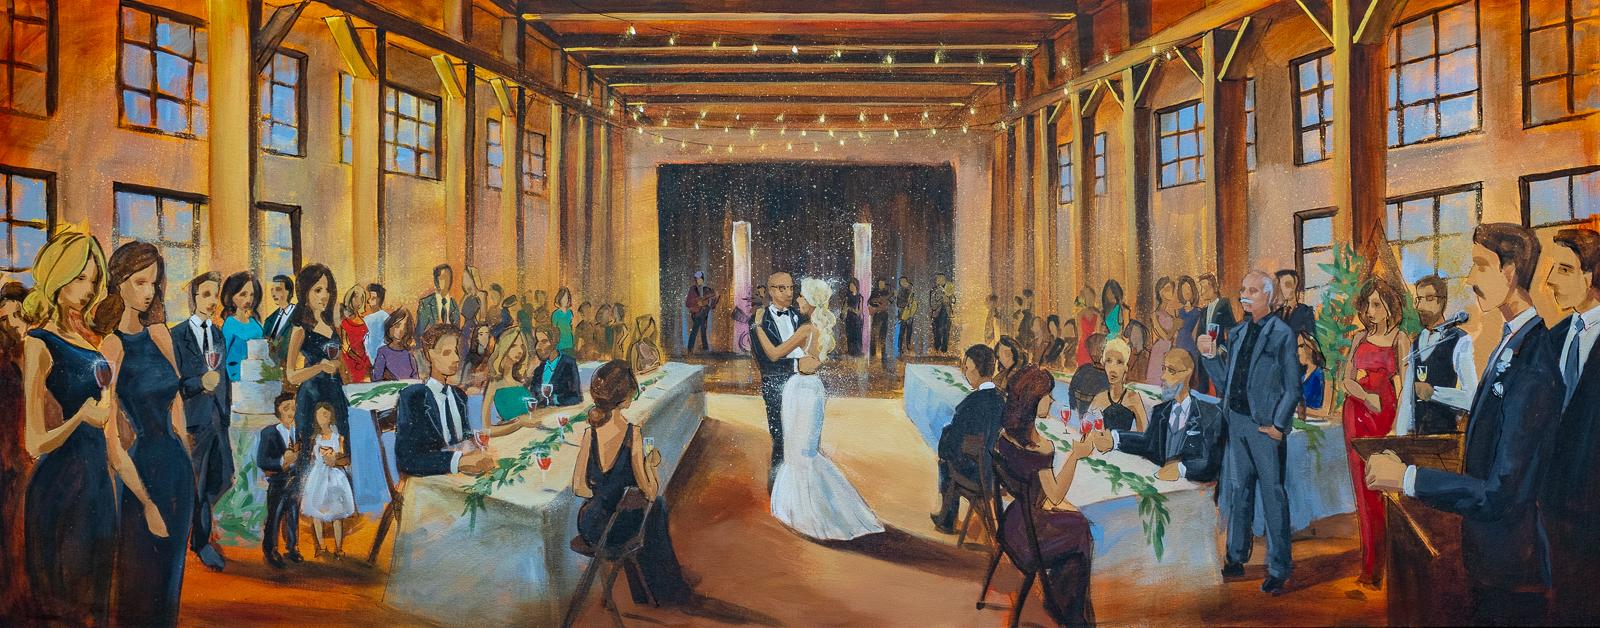 wedding painting ashley and jesse.jpg